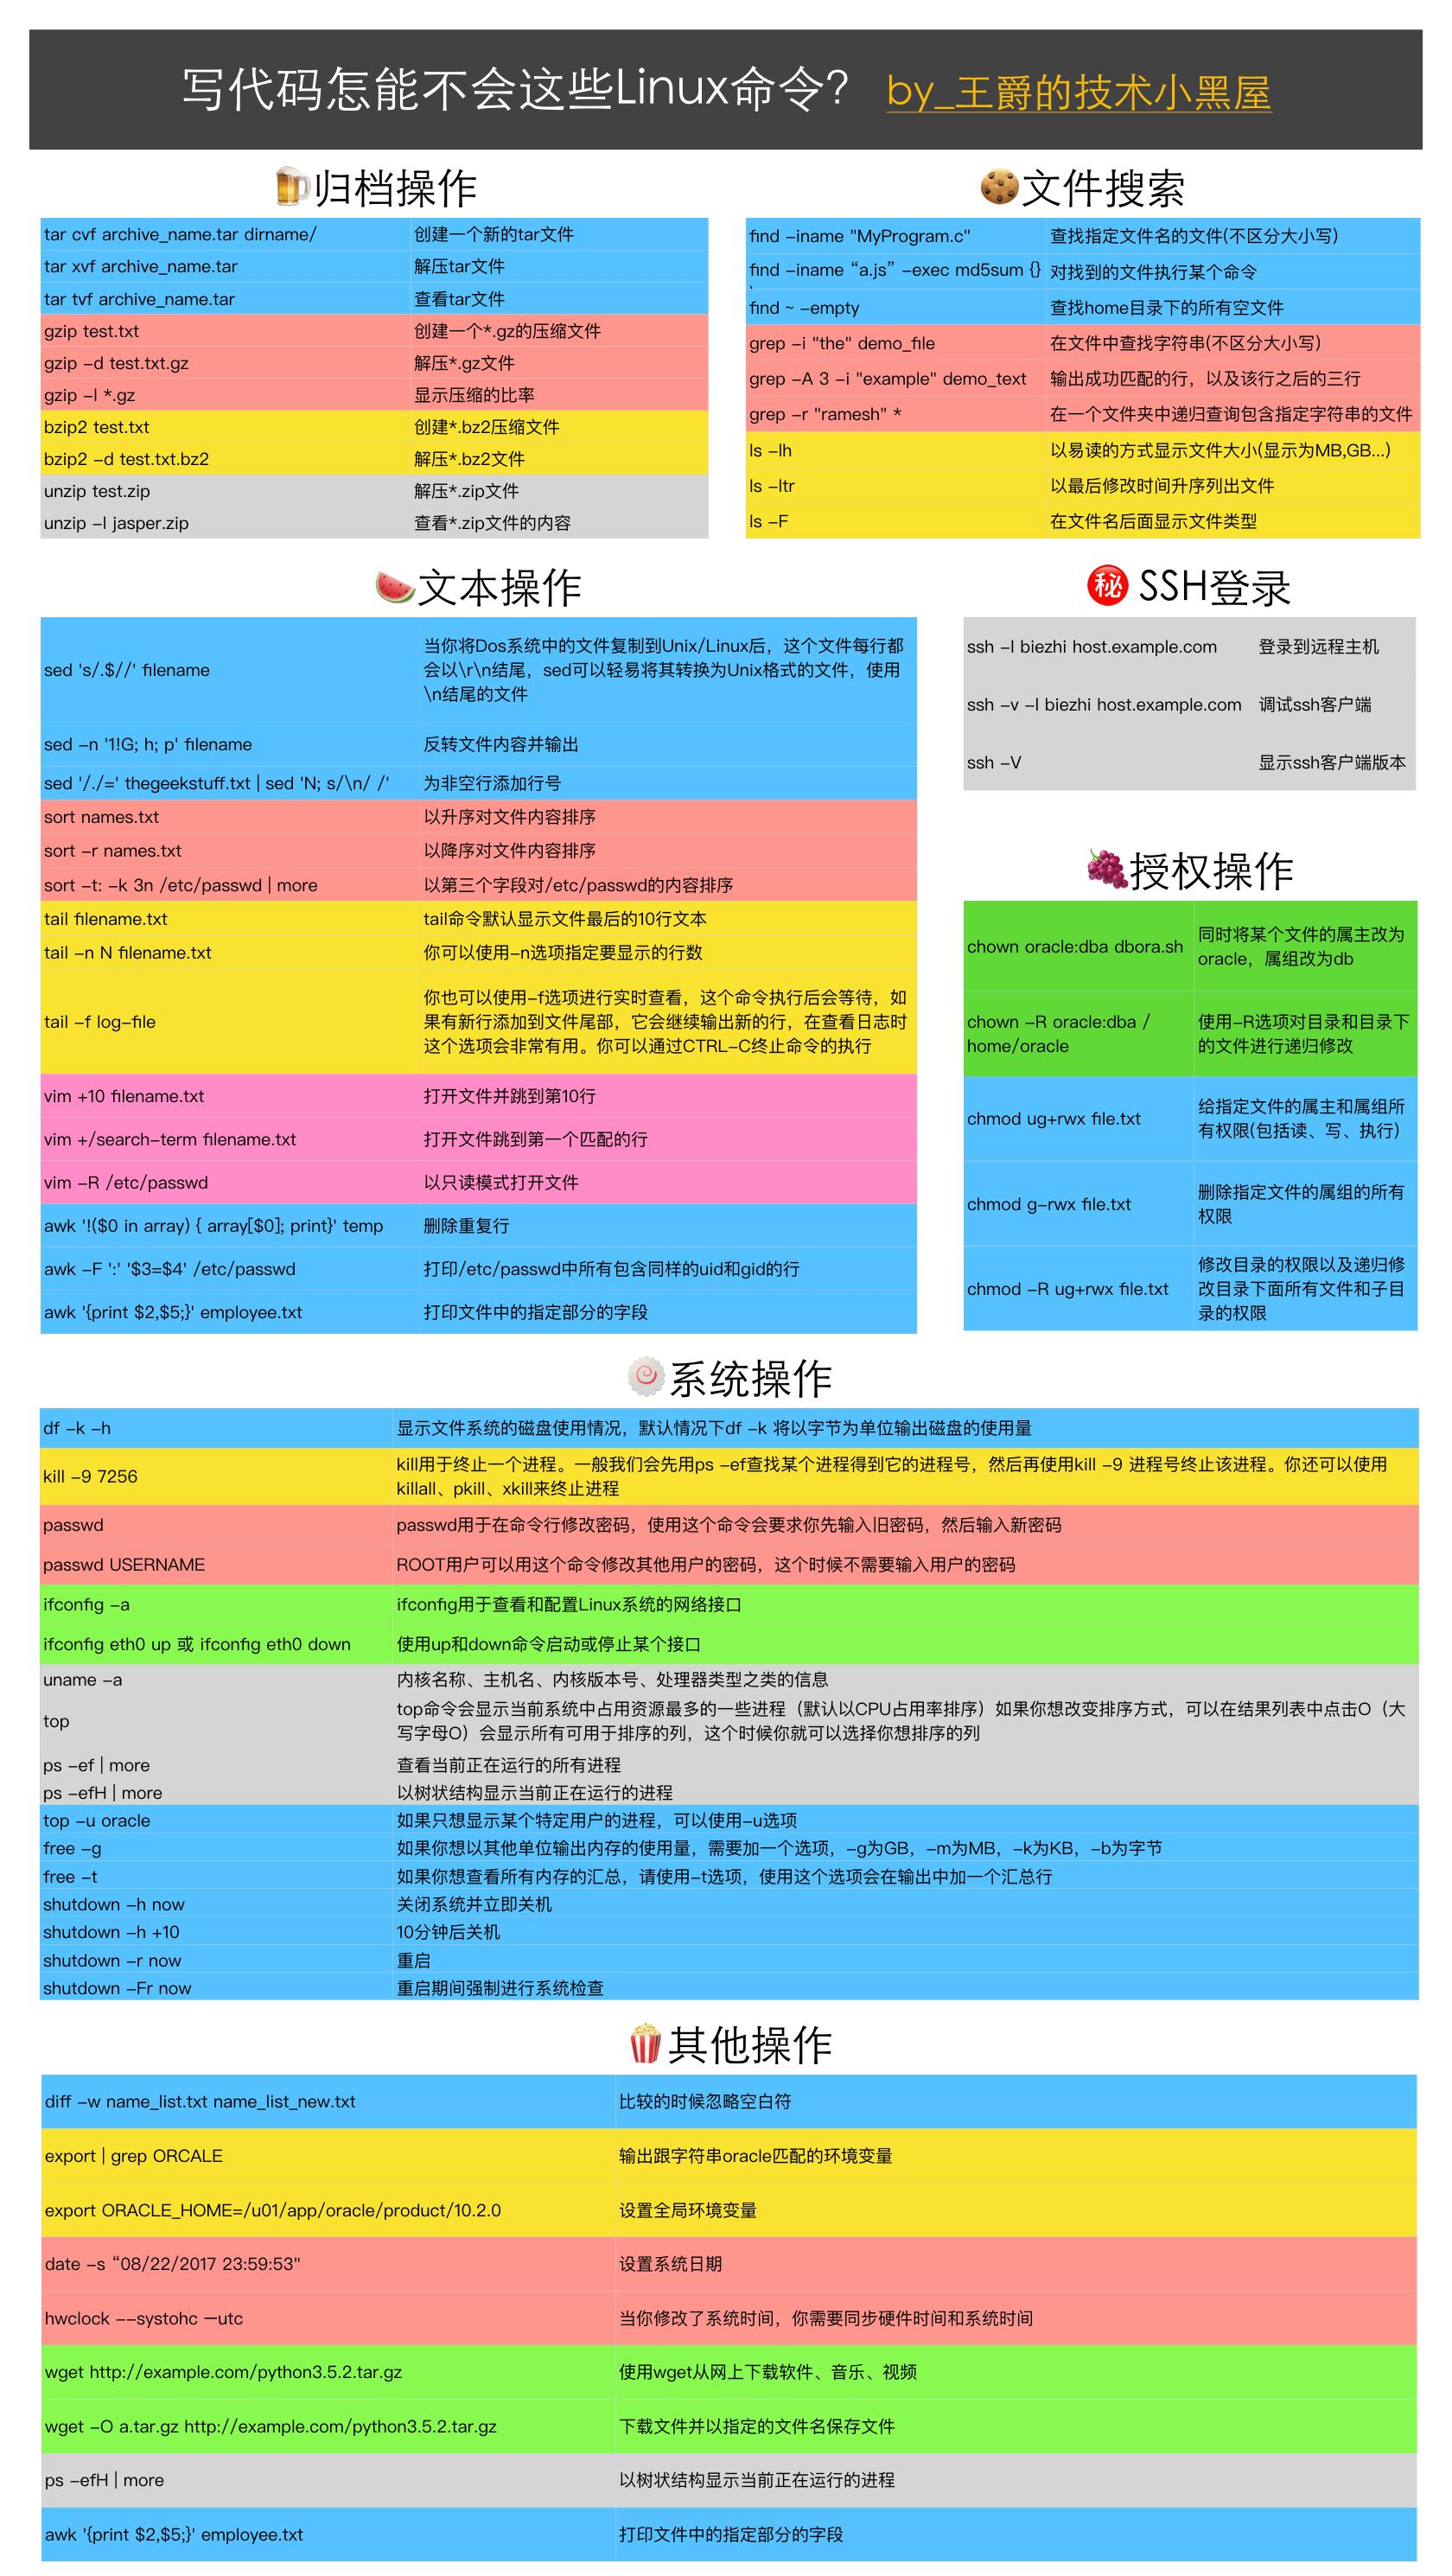 新手需要掌握的Linux常用操作命令(附图例)